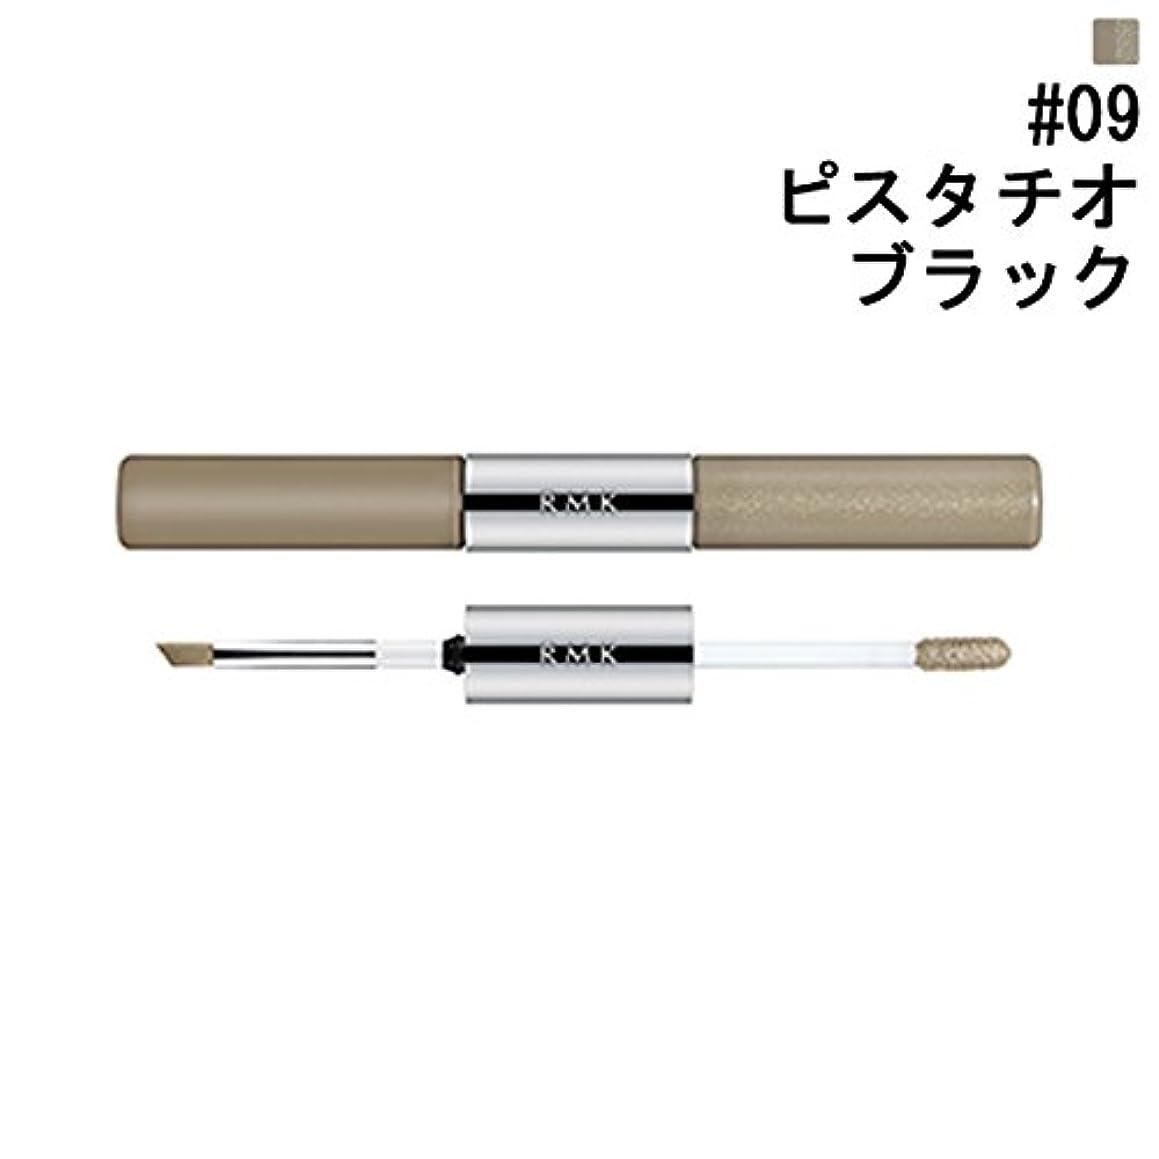 圧縮するボイコット姉妹【RMK アイシャドウ】 W ウォーター アイズ カラー インク 09 [並行輸入品]